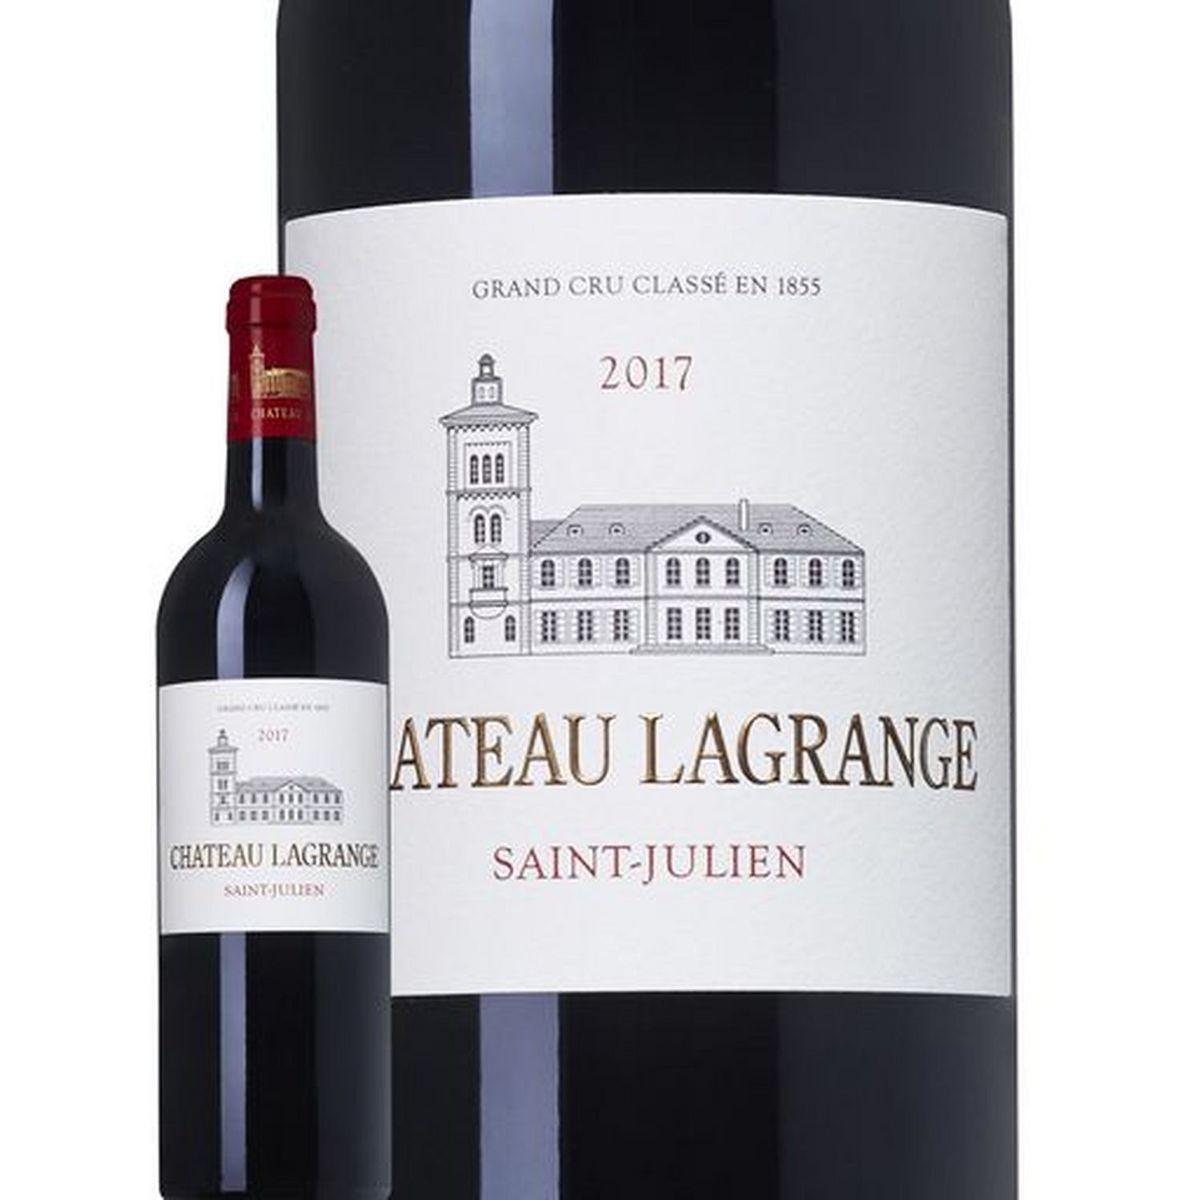 AOP Saint-Julien Château Lagrange grand cru classé rouge 2017